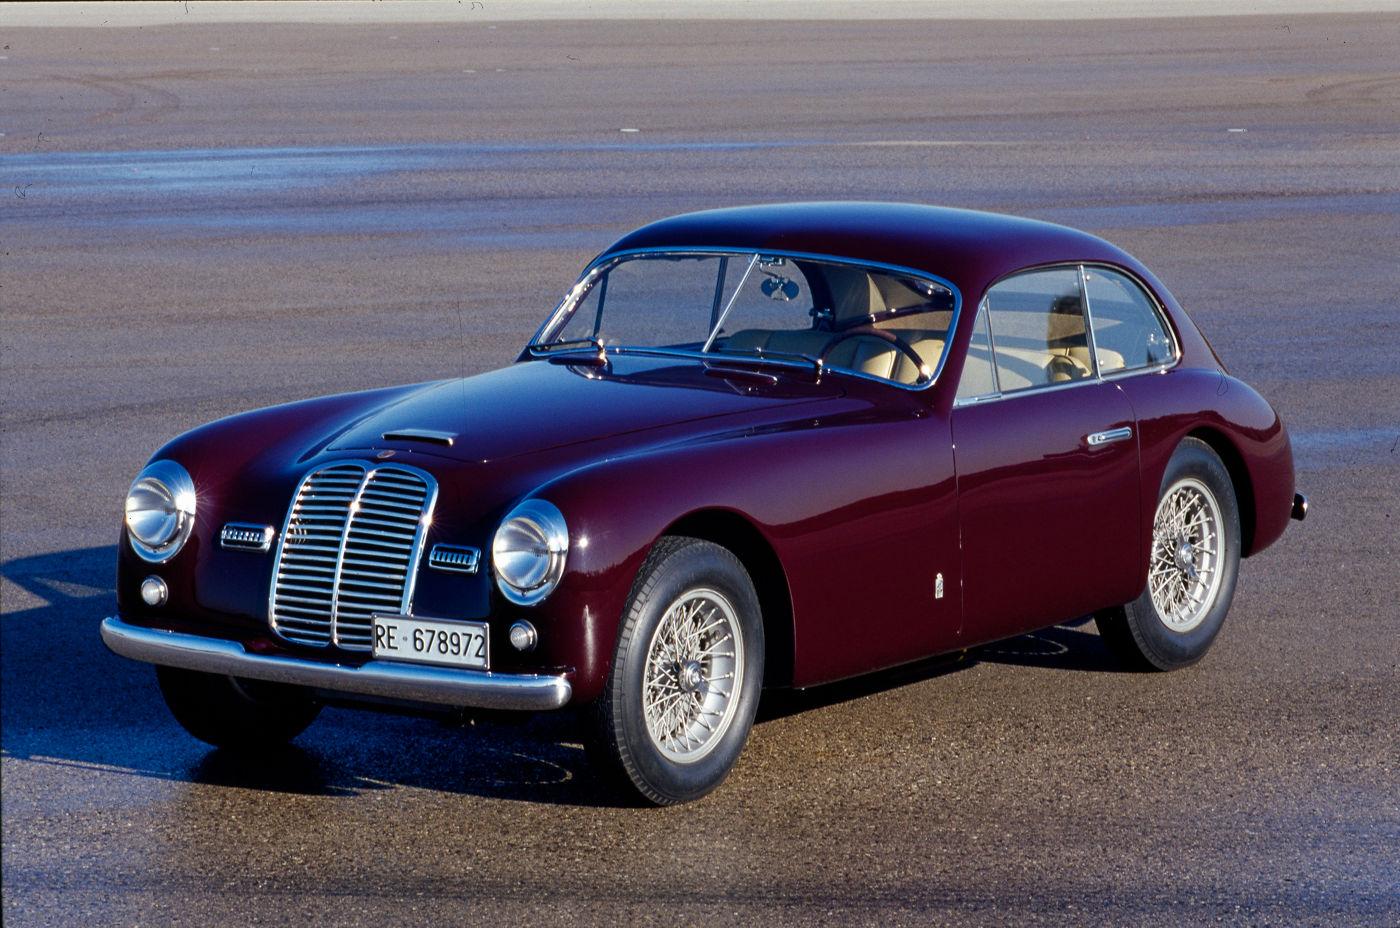 Auto classiche Maserati - Maserati Gran Turismo anno 1946